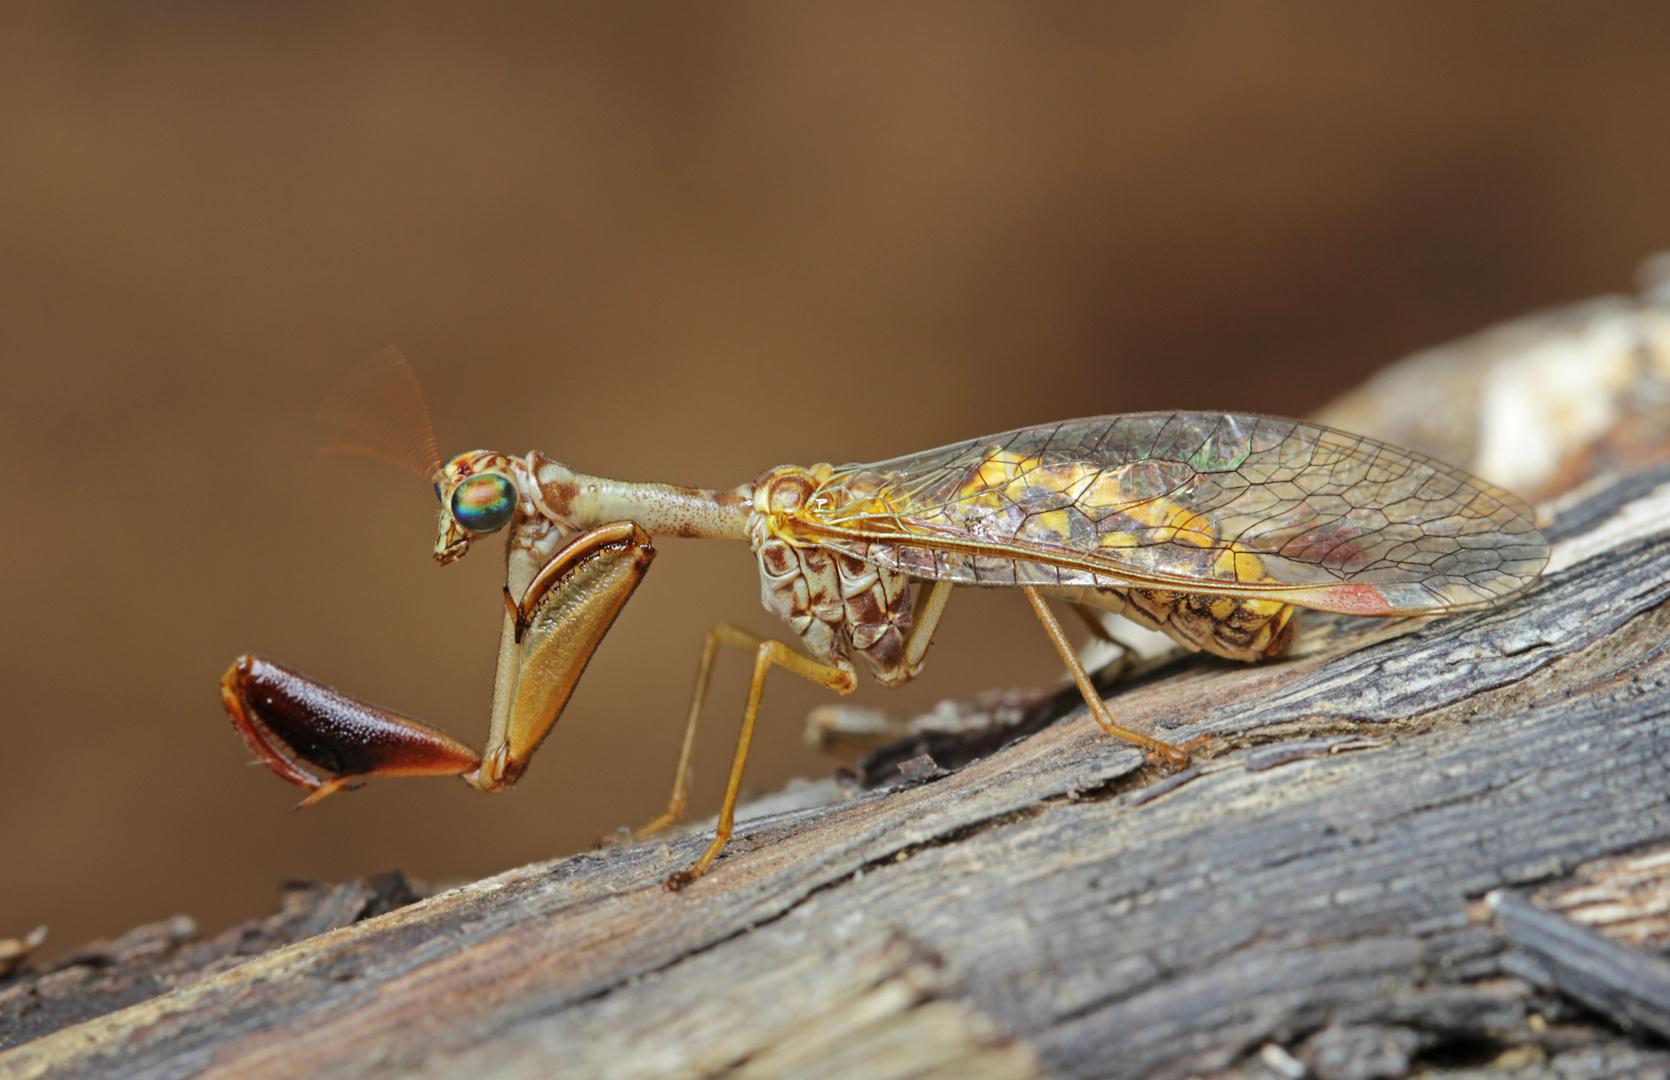 ... aus dem Insektenbaukasten